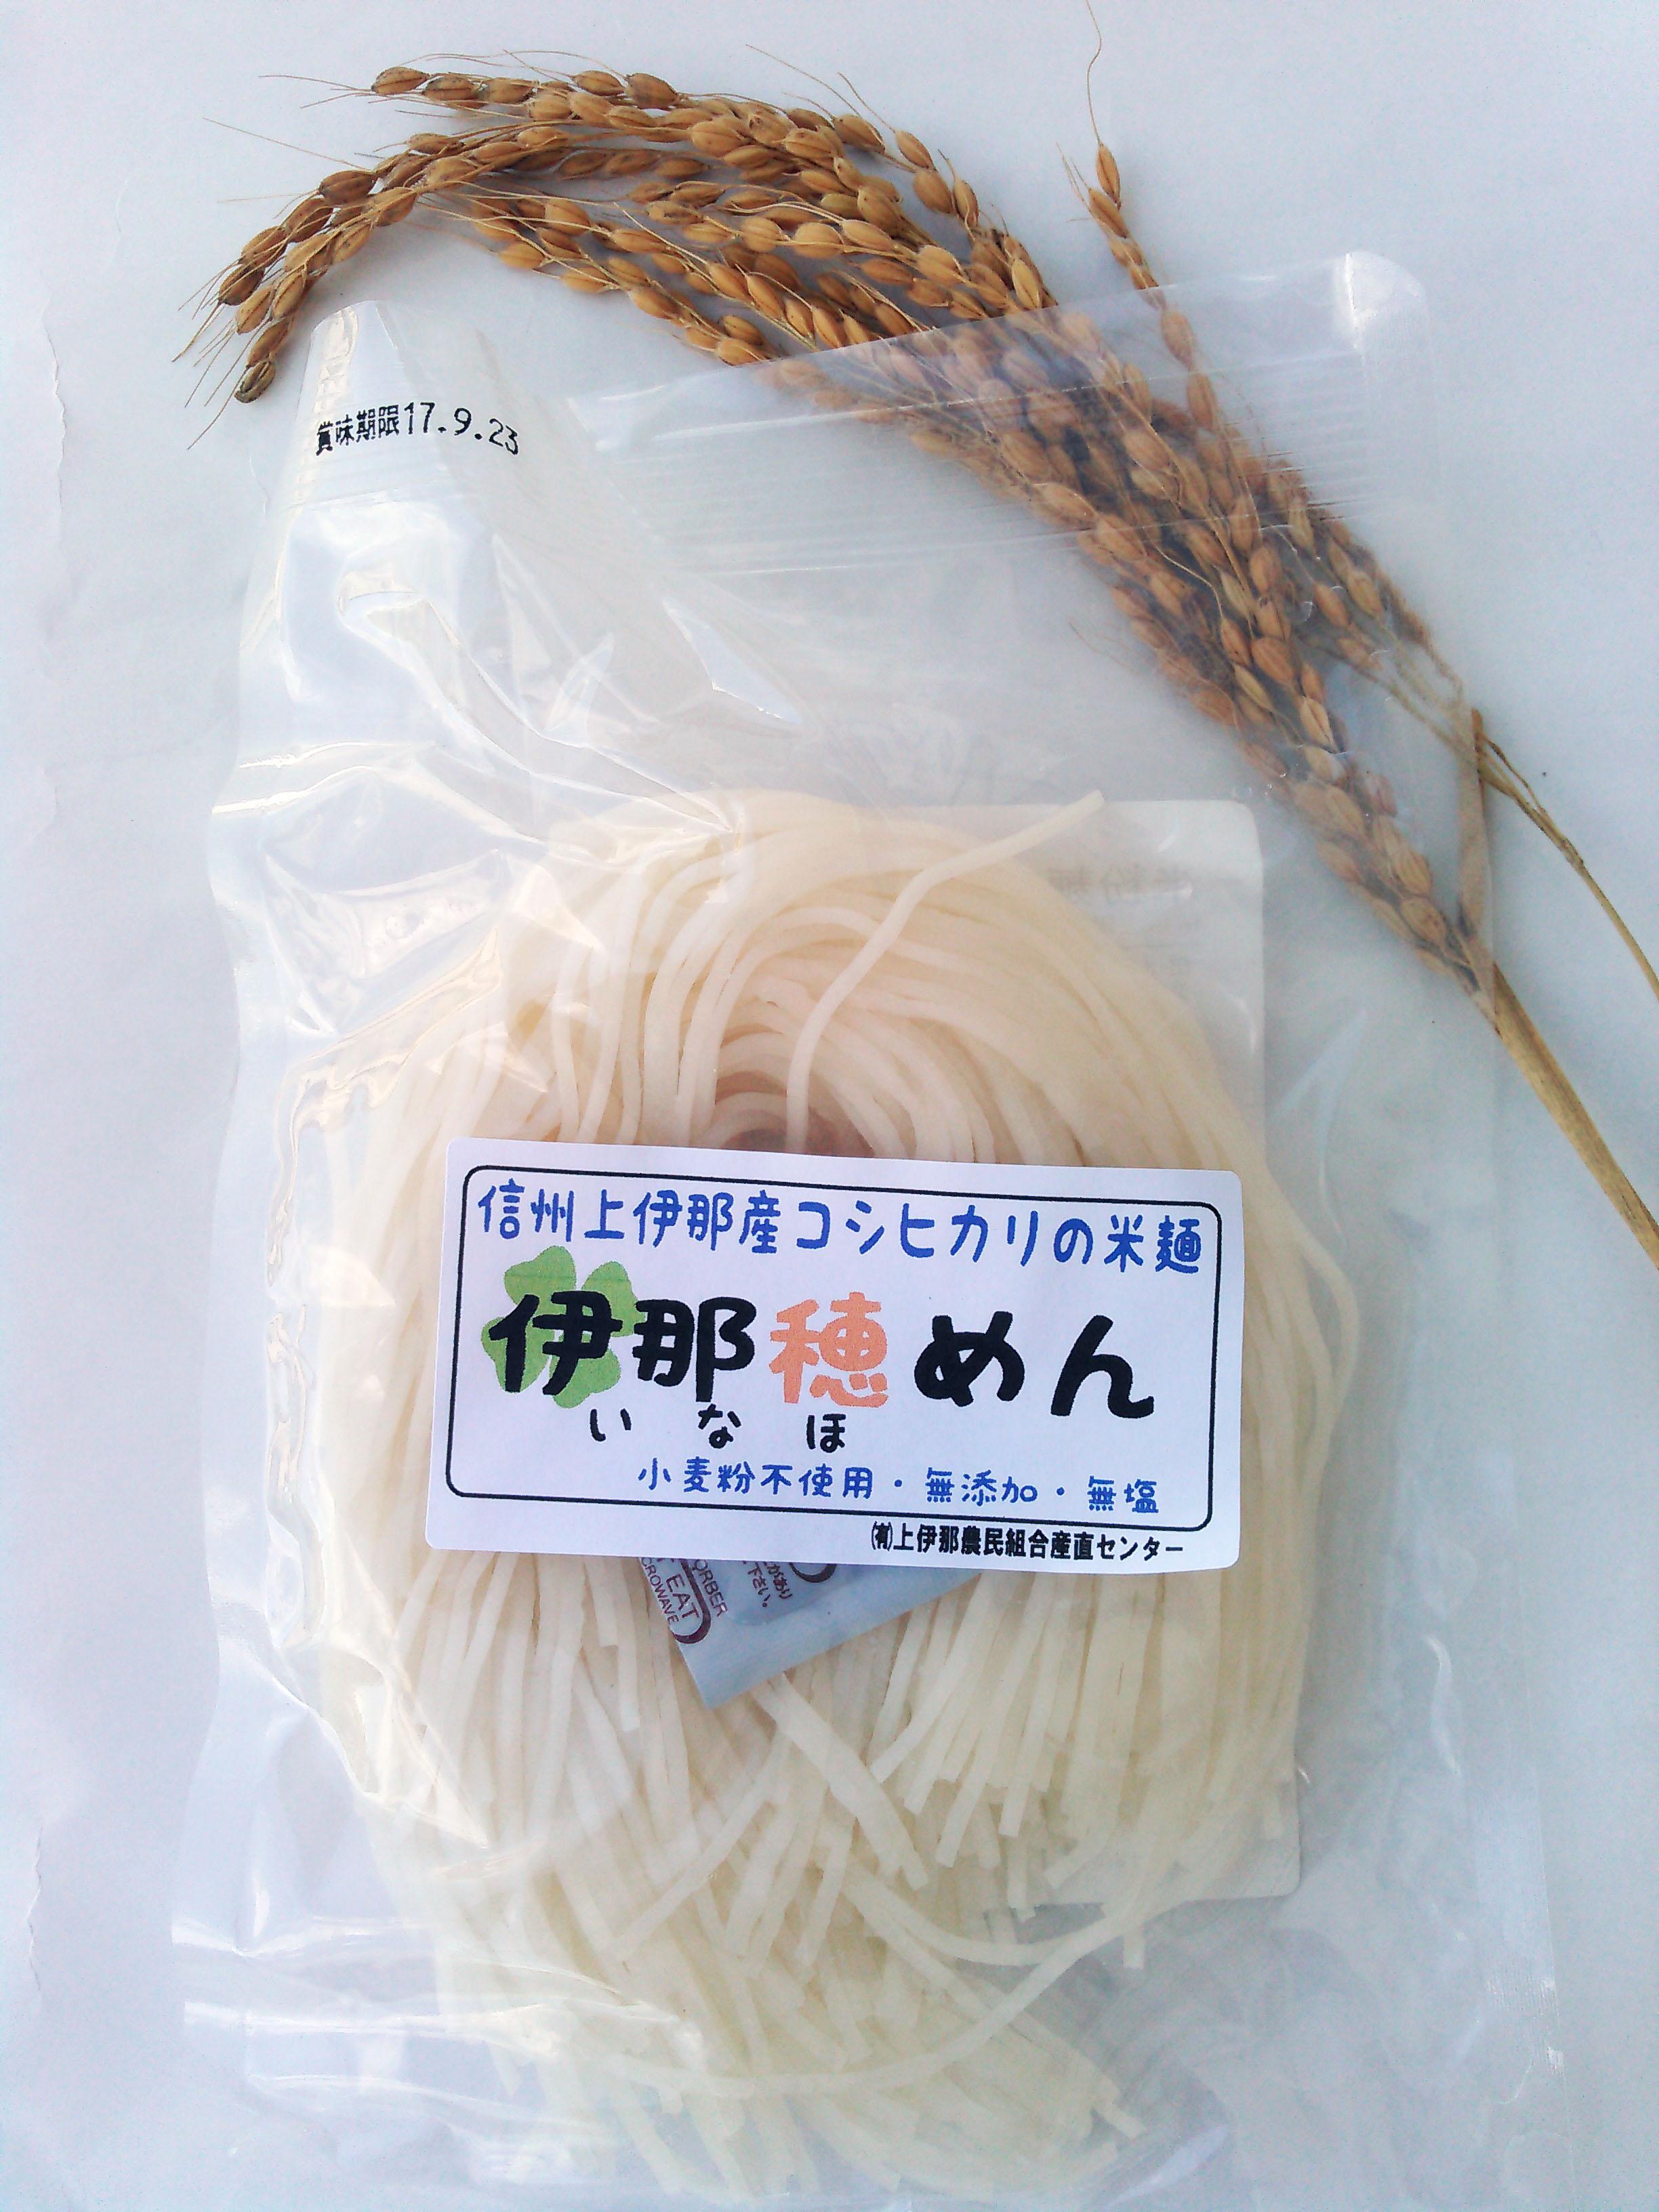 米麺「伊那穂めん」1食(120g)